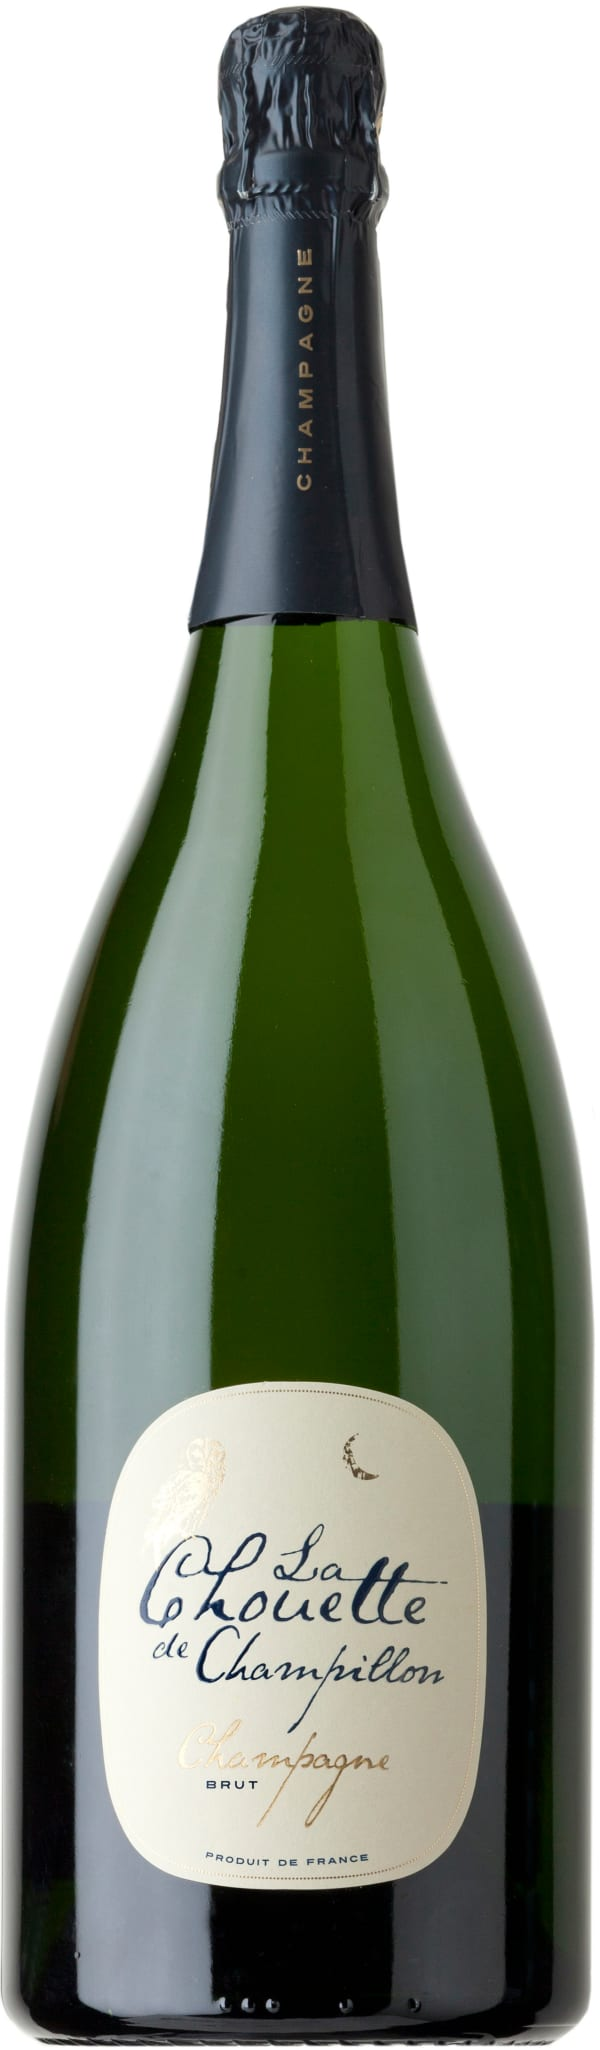 La Chouette de Champillon Champagne Brut